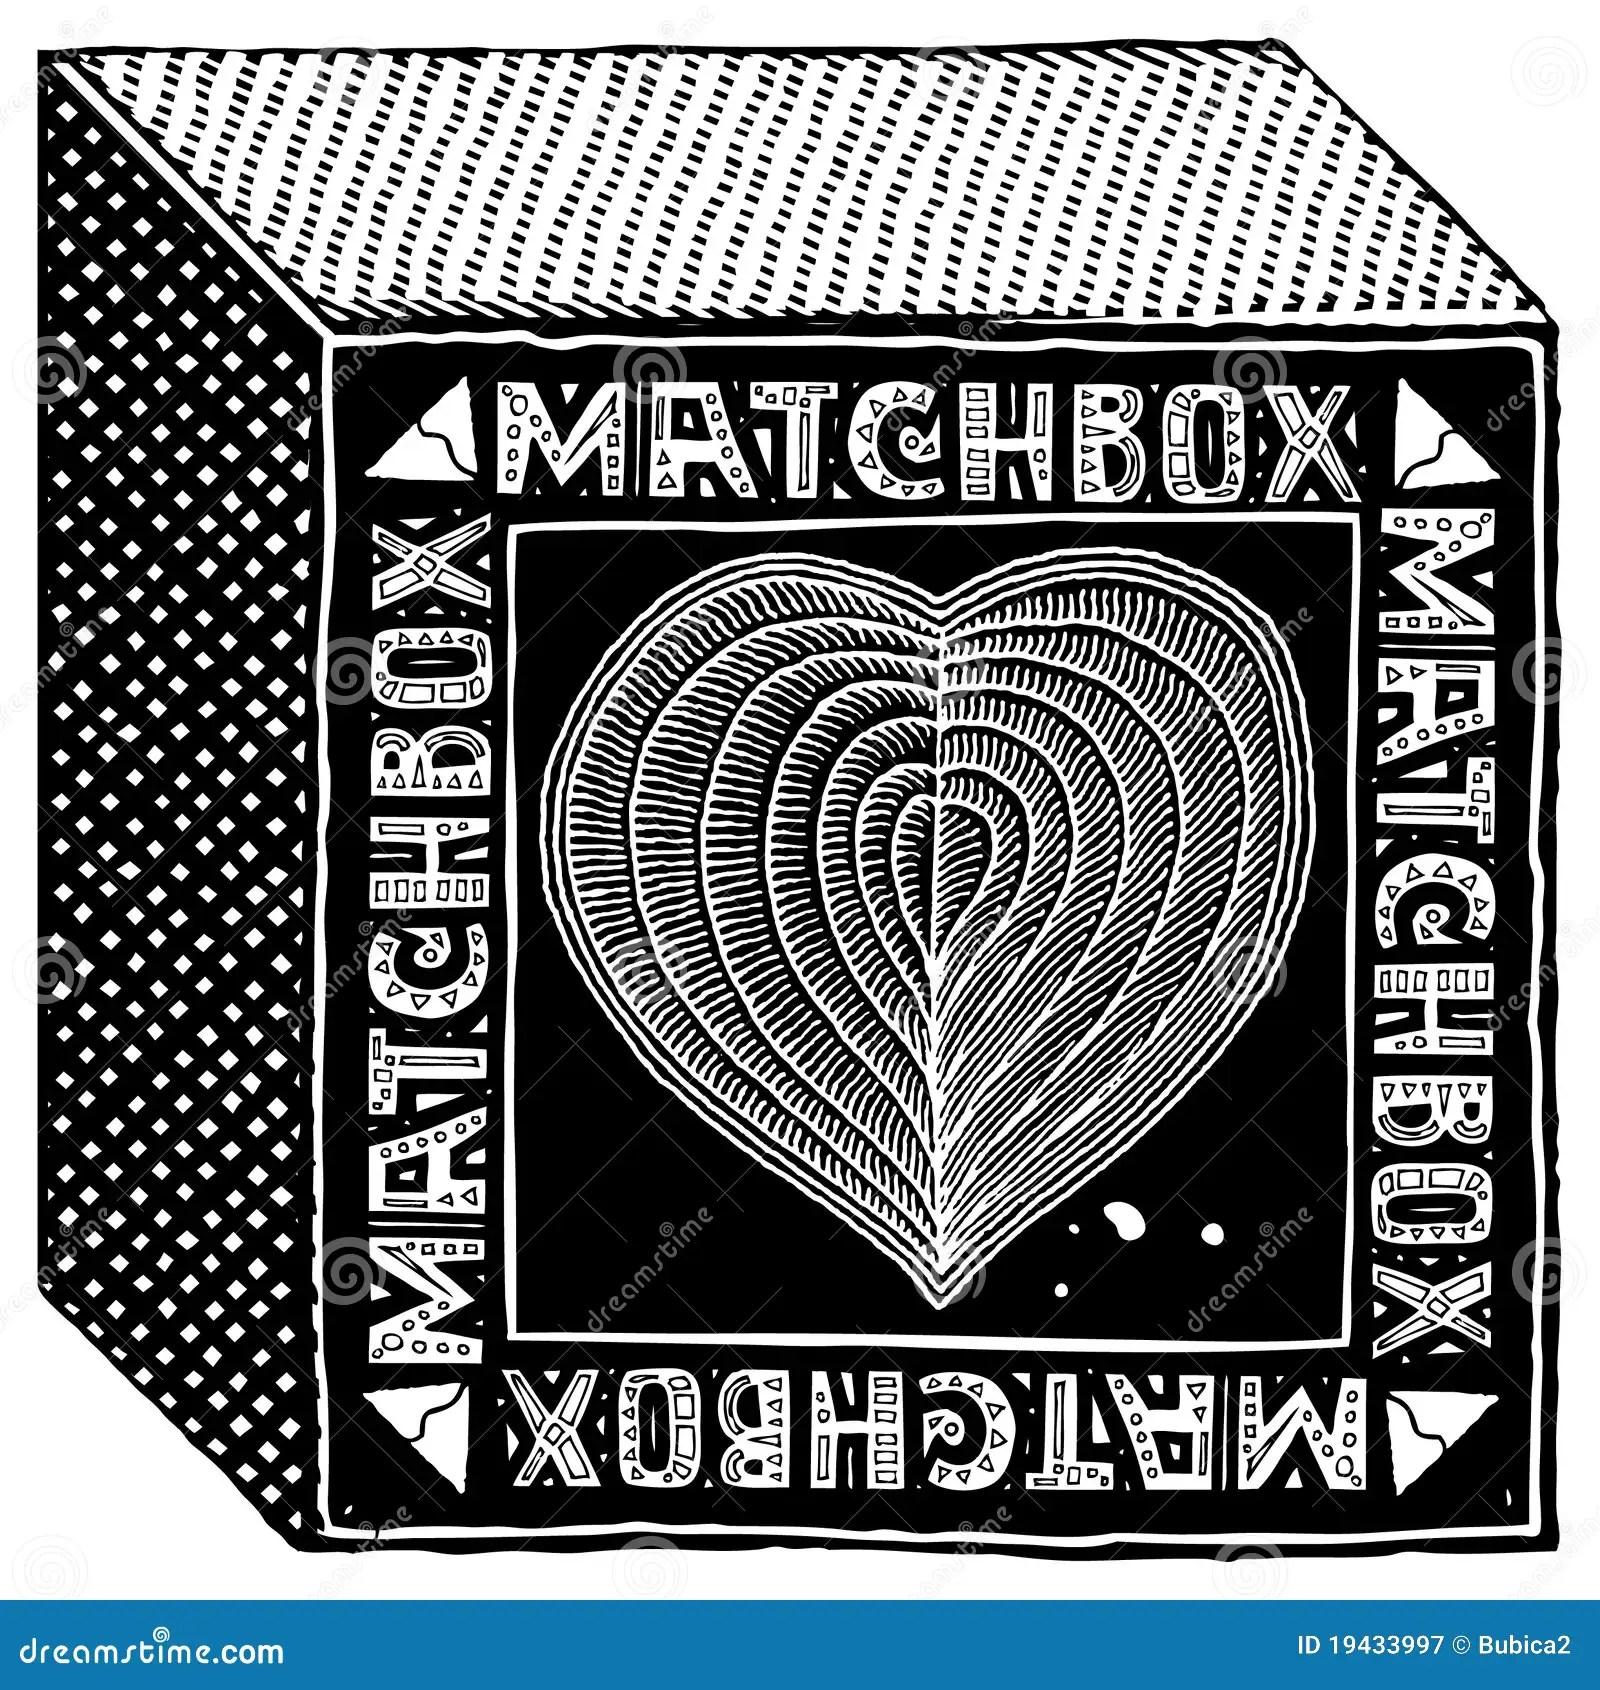 kitchen matches shirts 火柴盒黑色木刻向量例证 插画包括有厨房 旅游业 易燃 符号 印刷术 火柴盒黑色木刻